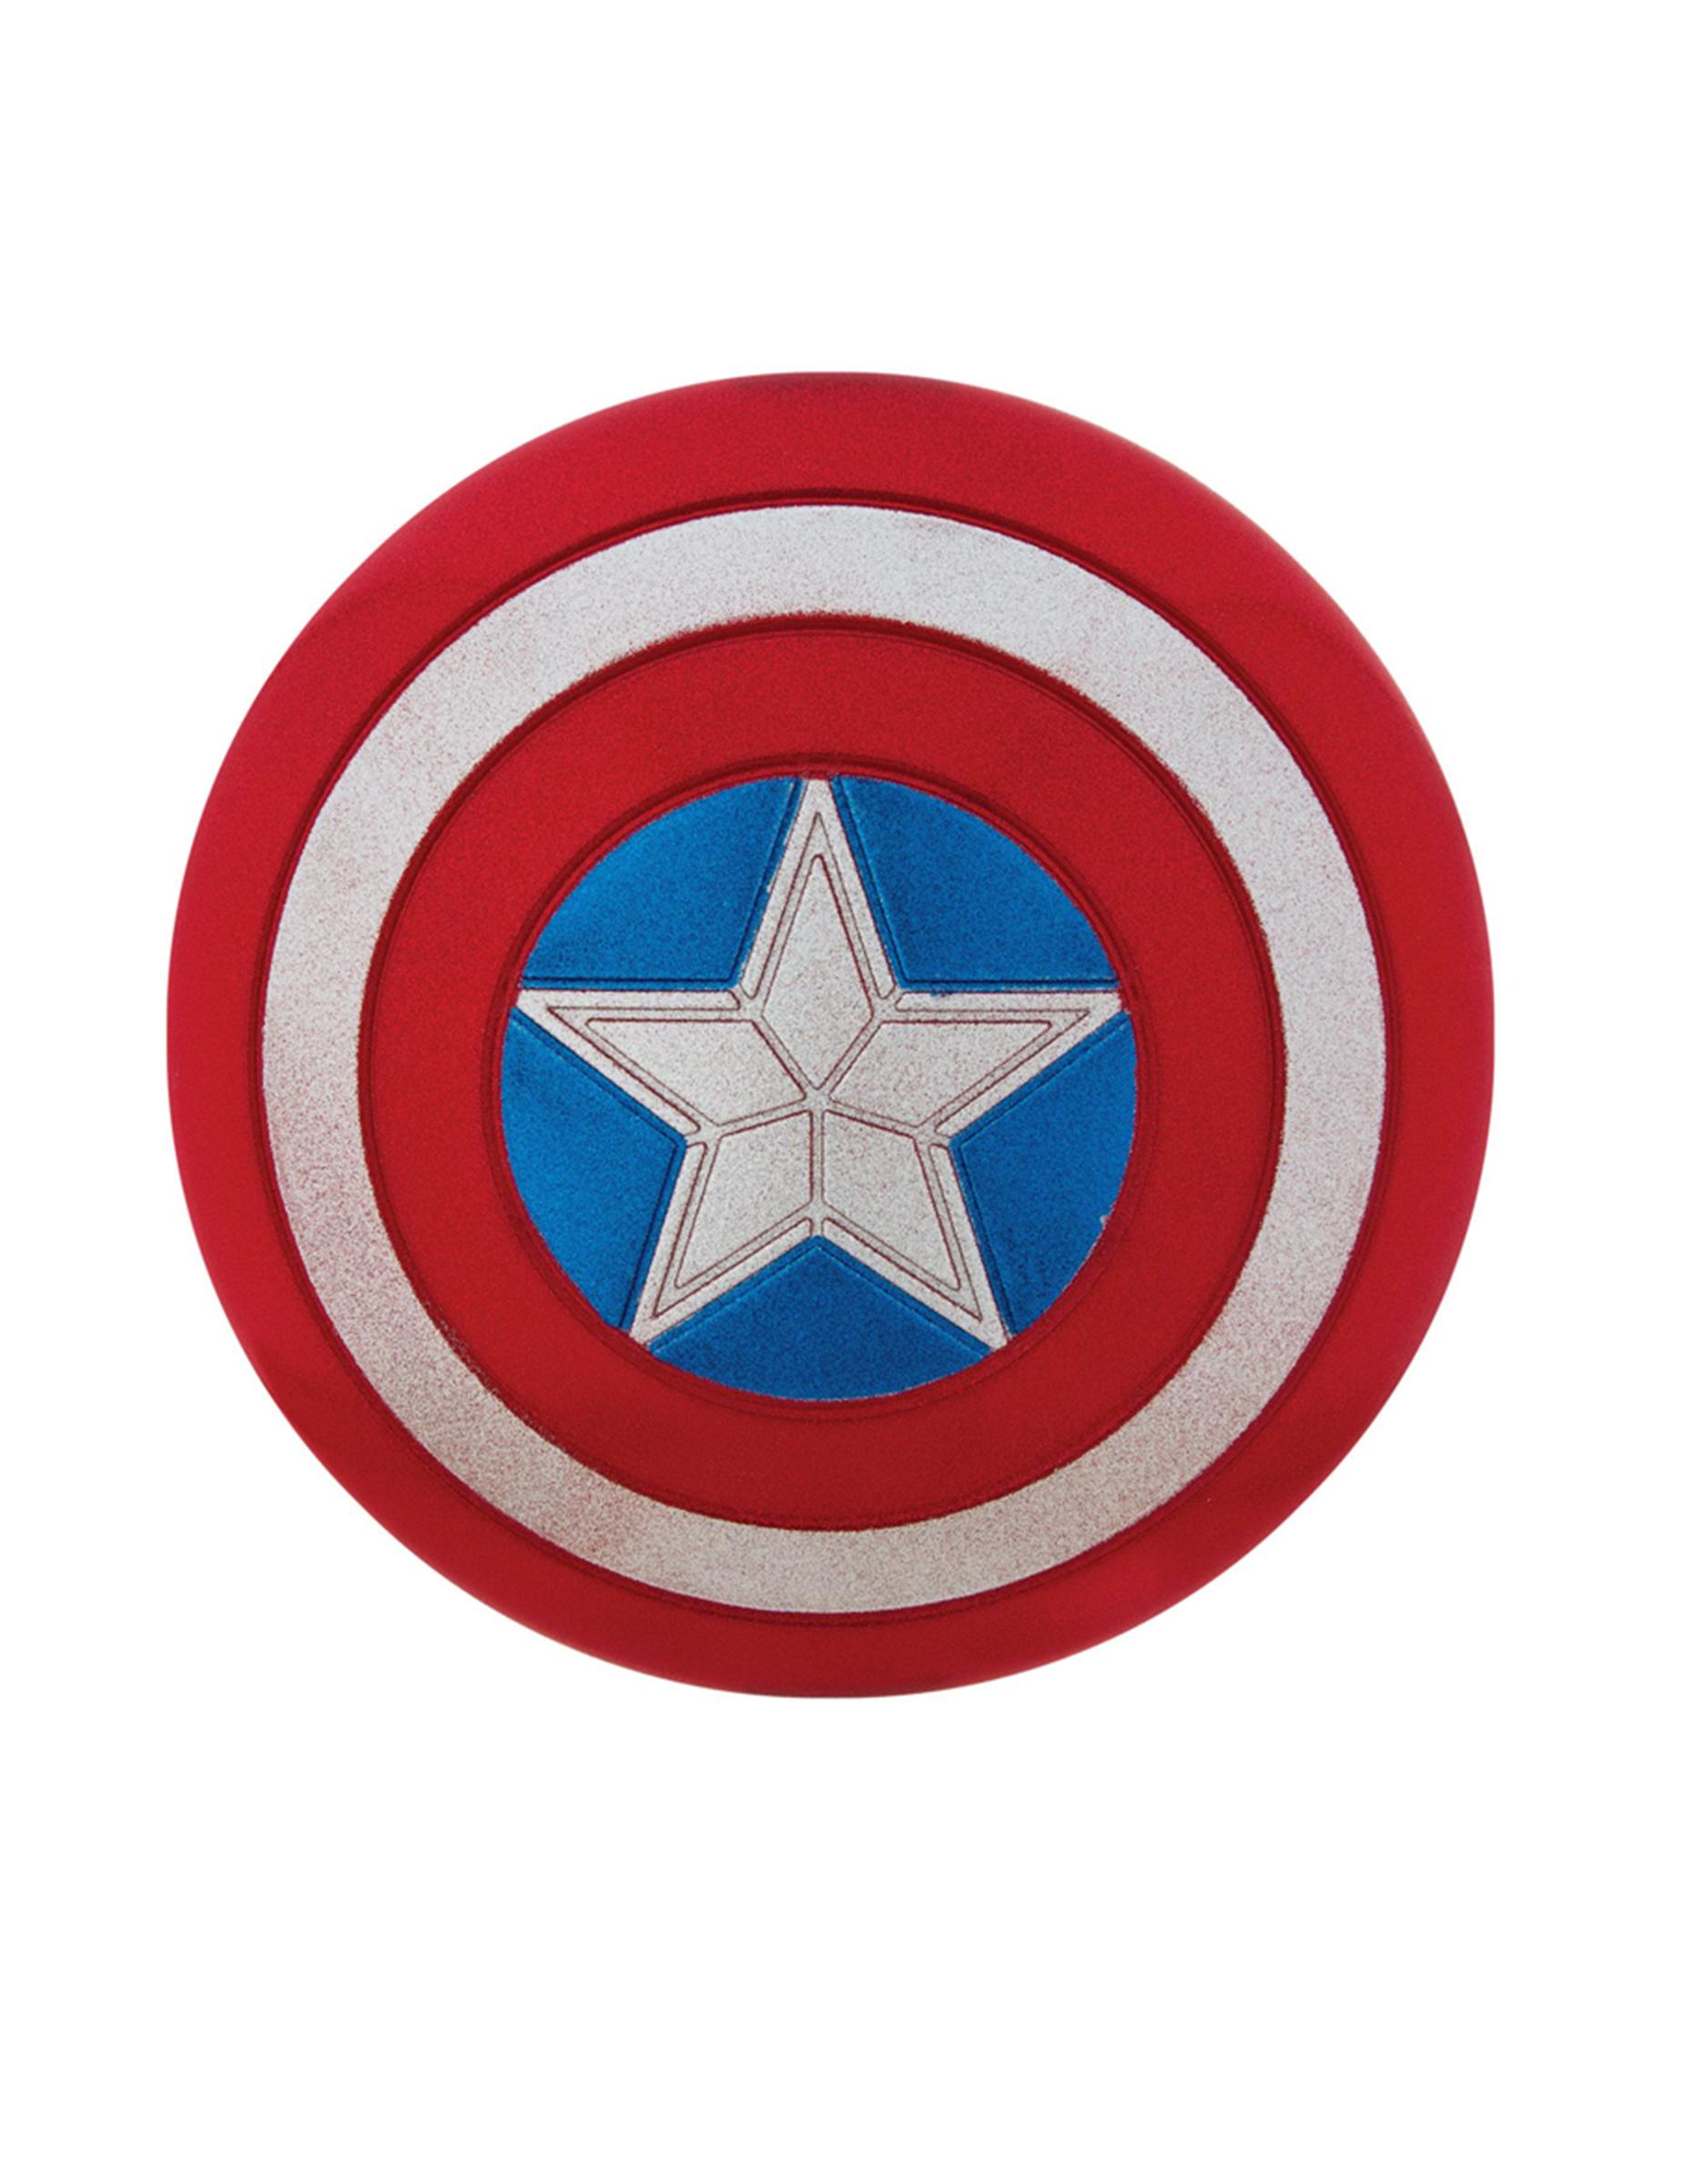 Bouclier paillet captain america 30 cm deguise toi achat de accessoires - Captain america fille ...